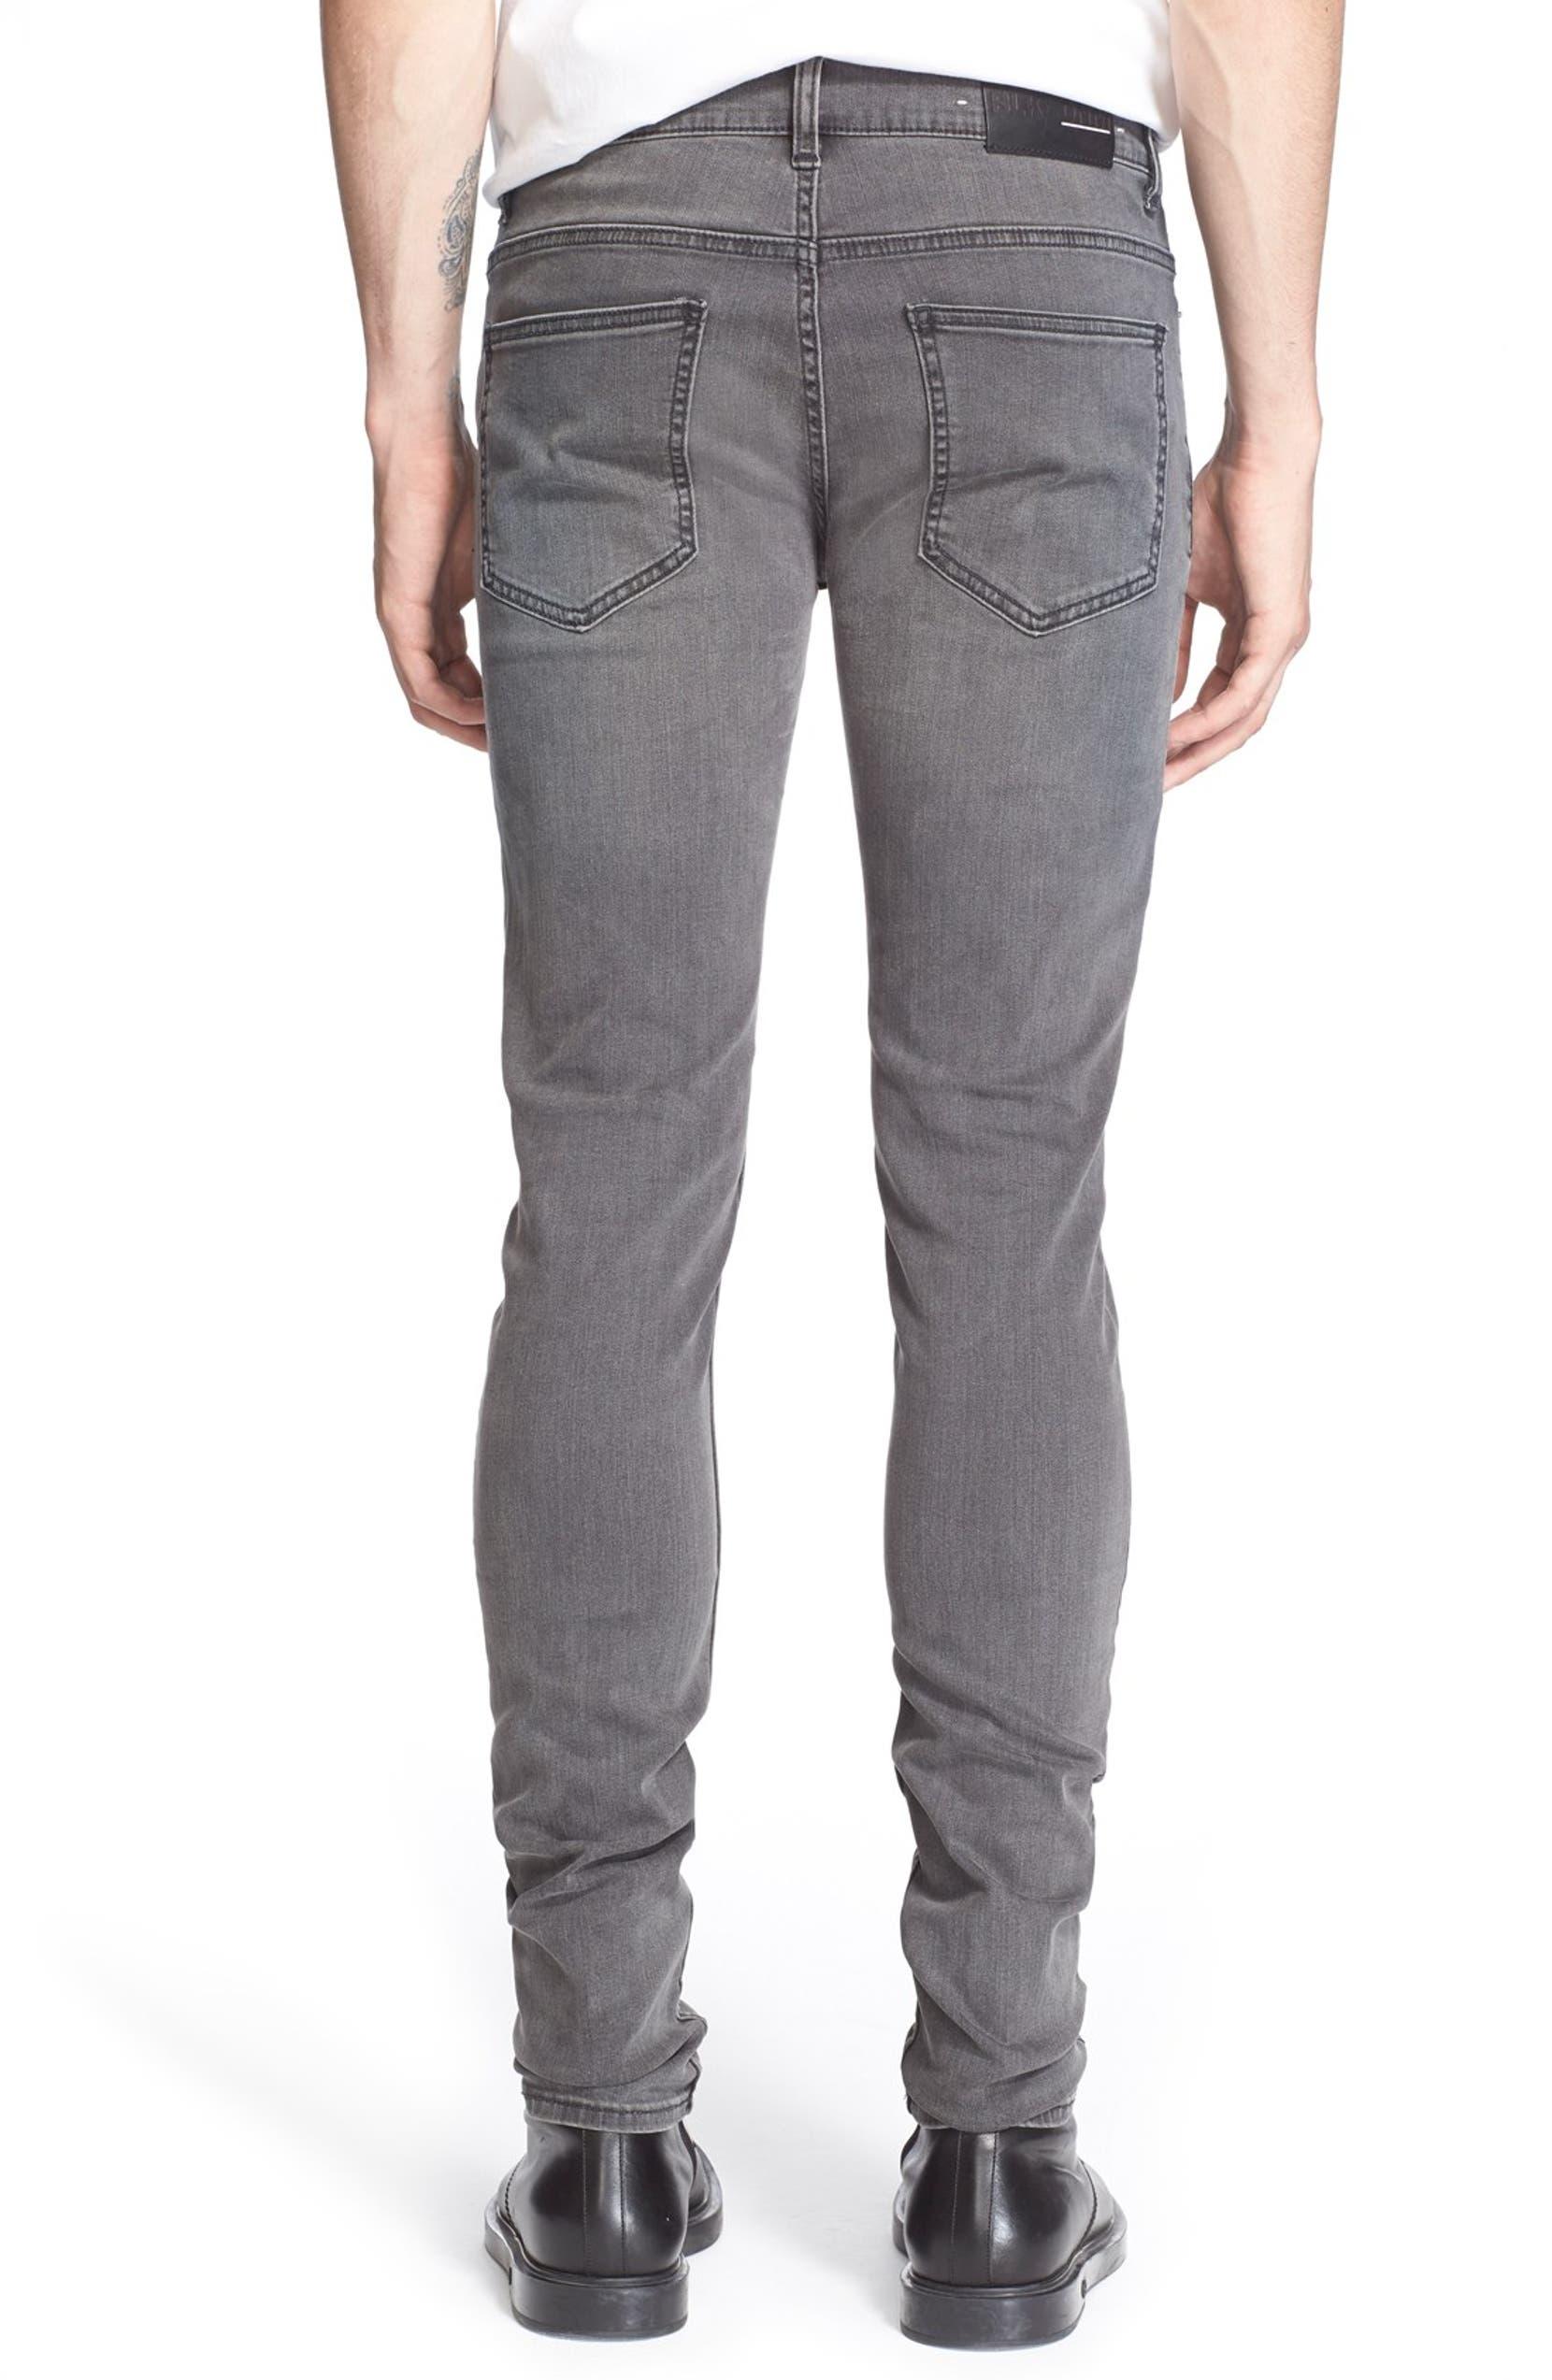 Blk '25' Dnm GreyNordstrom Jeansstaple Skinny Yvbygf76